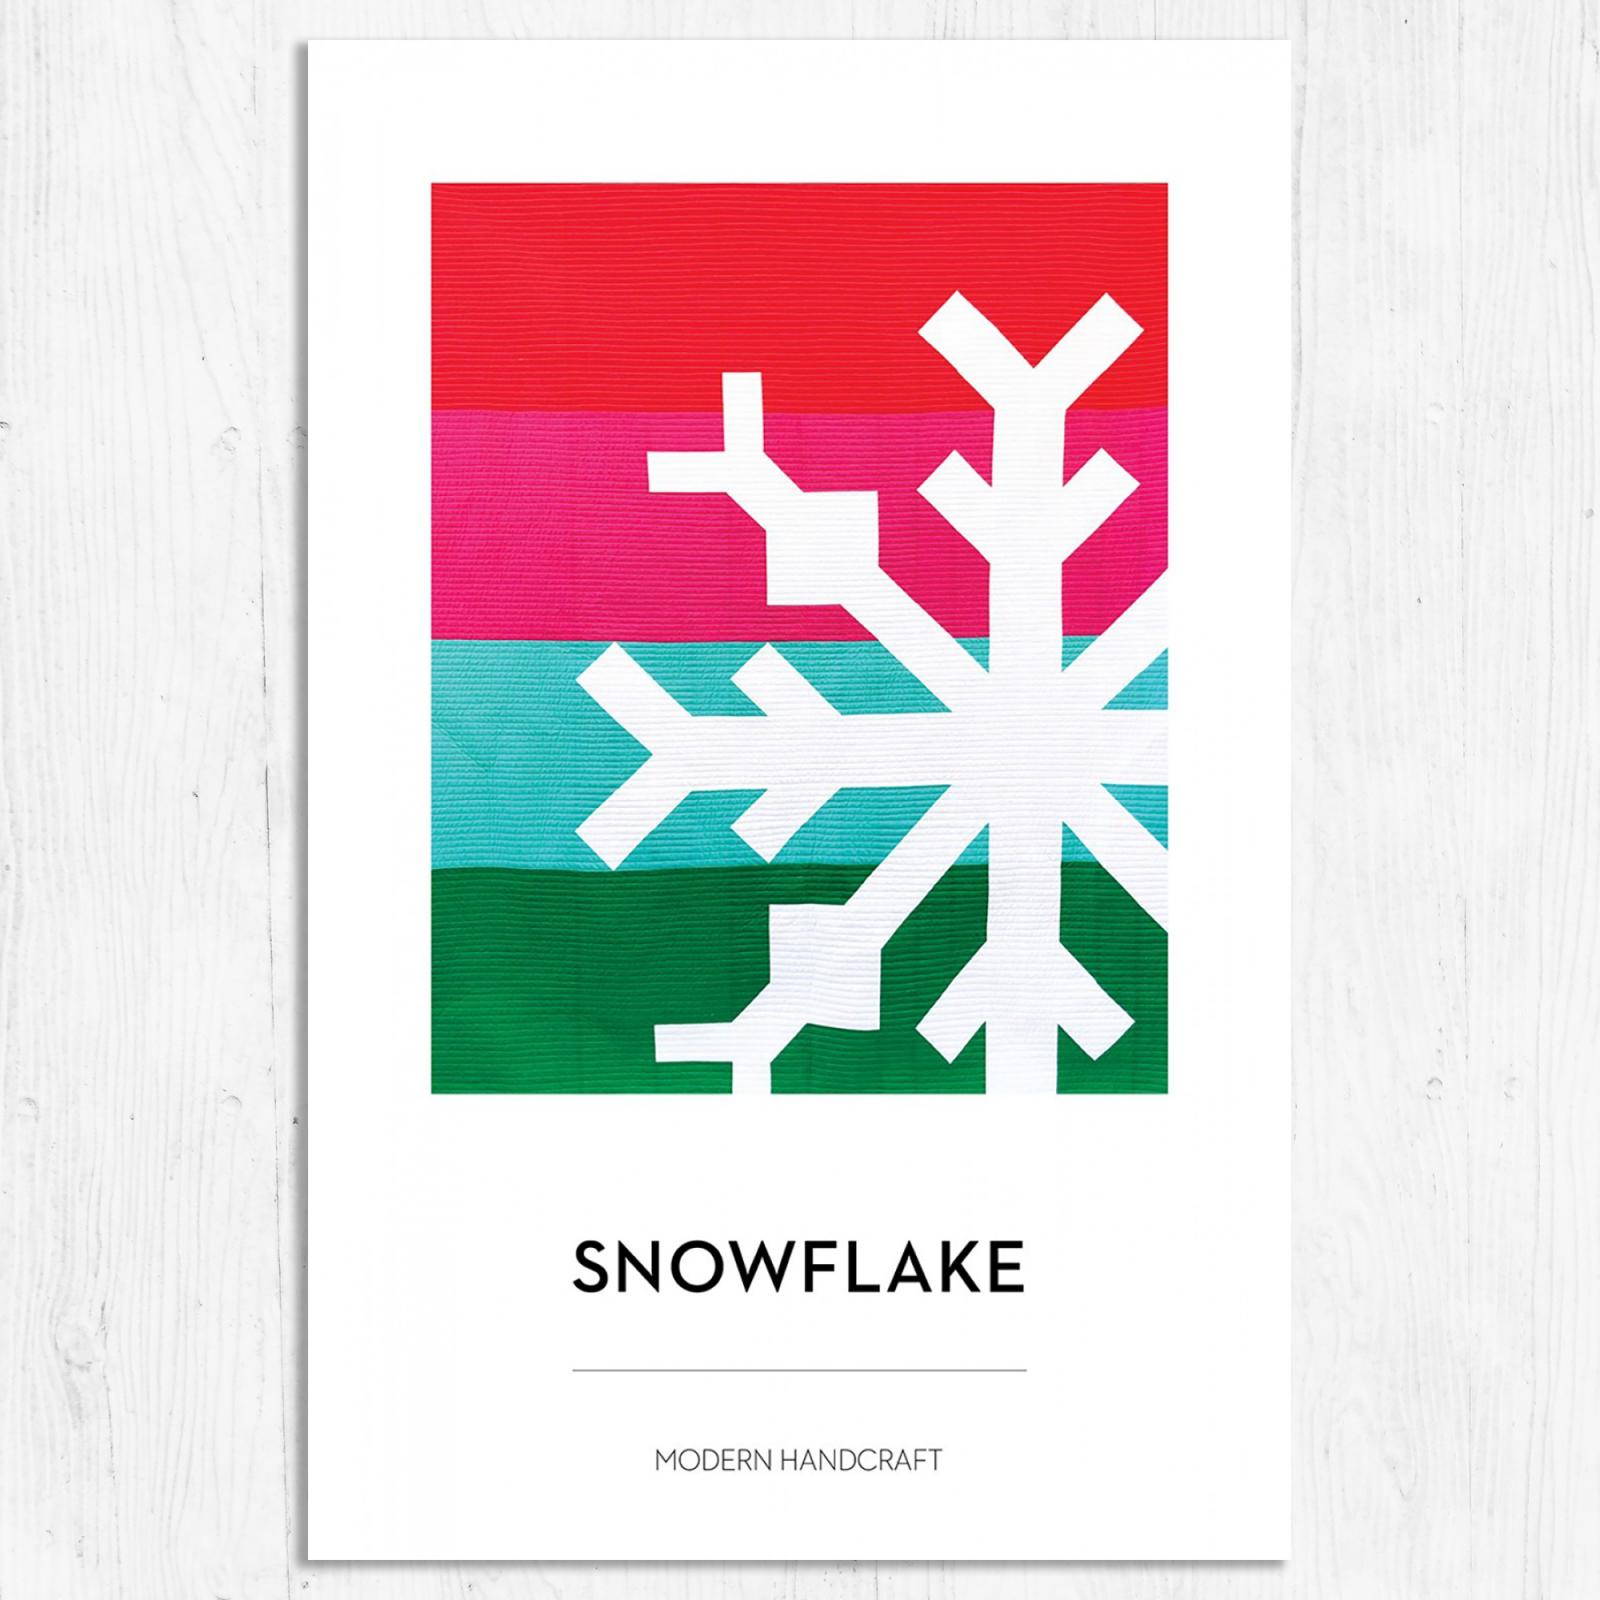 Modern Handcraft - Snowflake Quilt Pattern